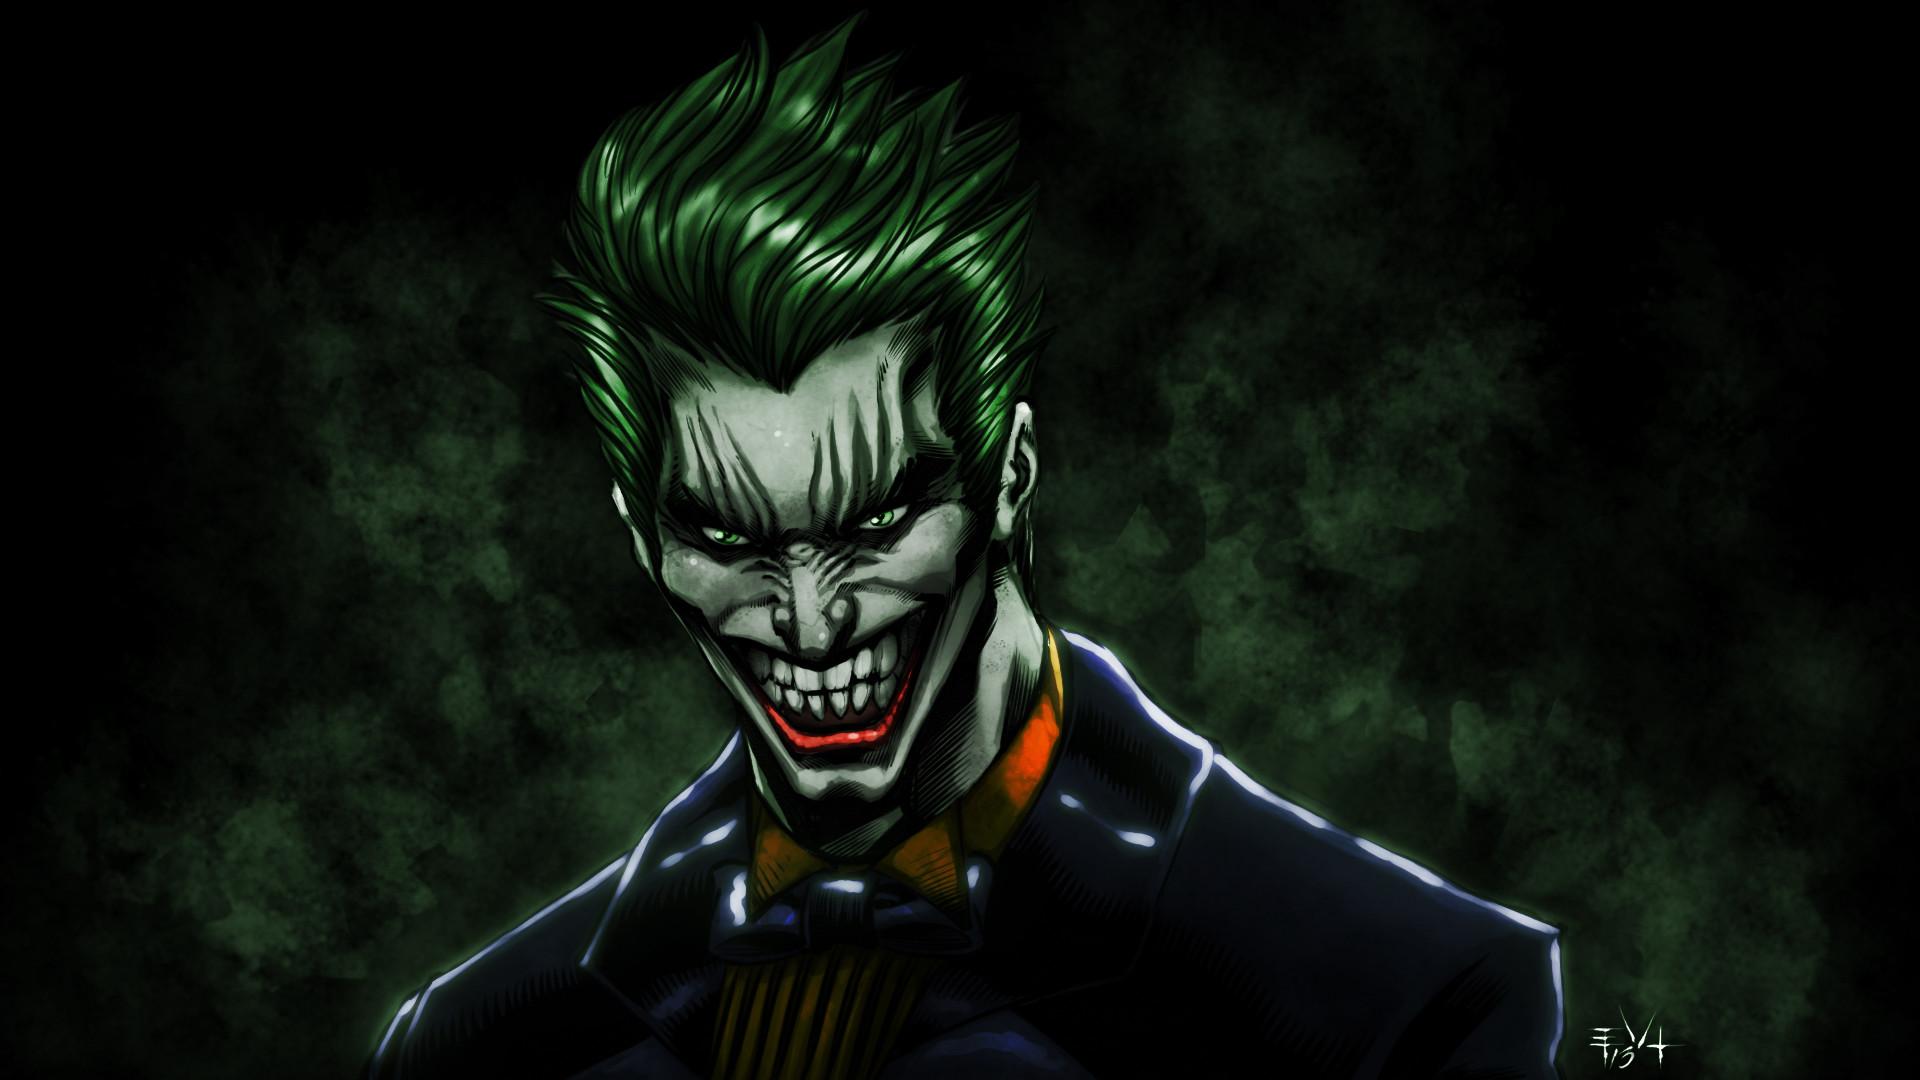 Scary Joker Wallpaper 54 Images